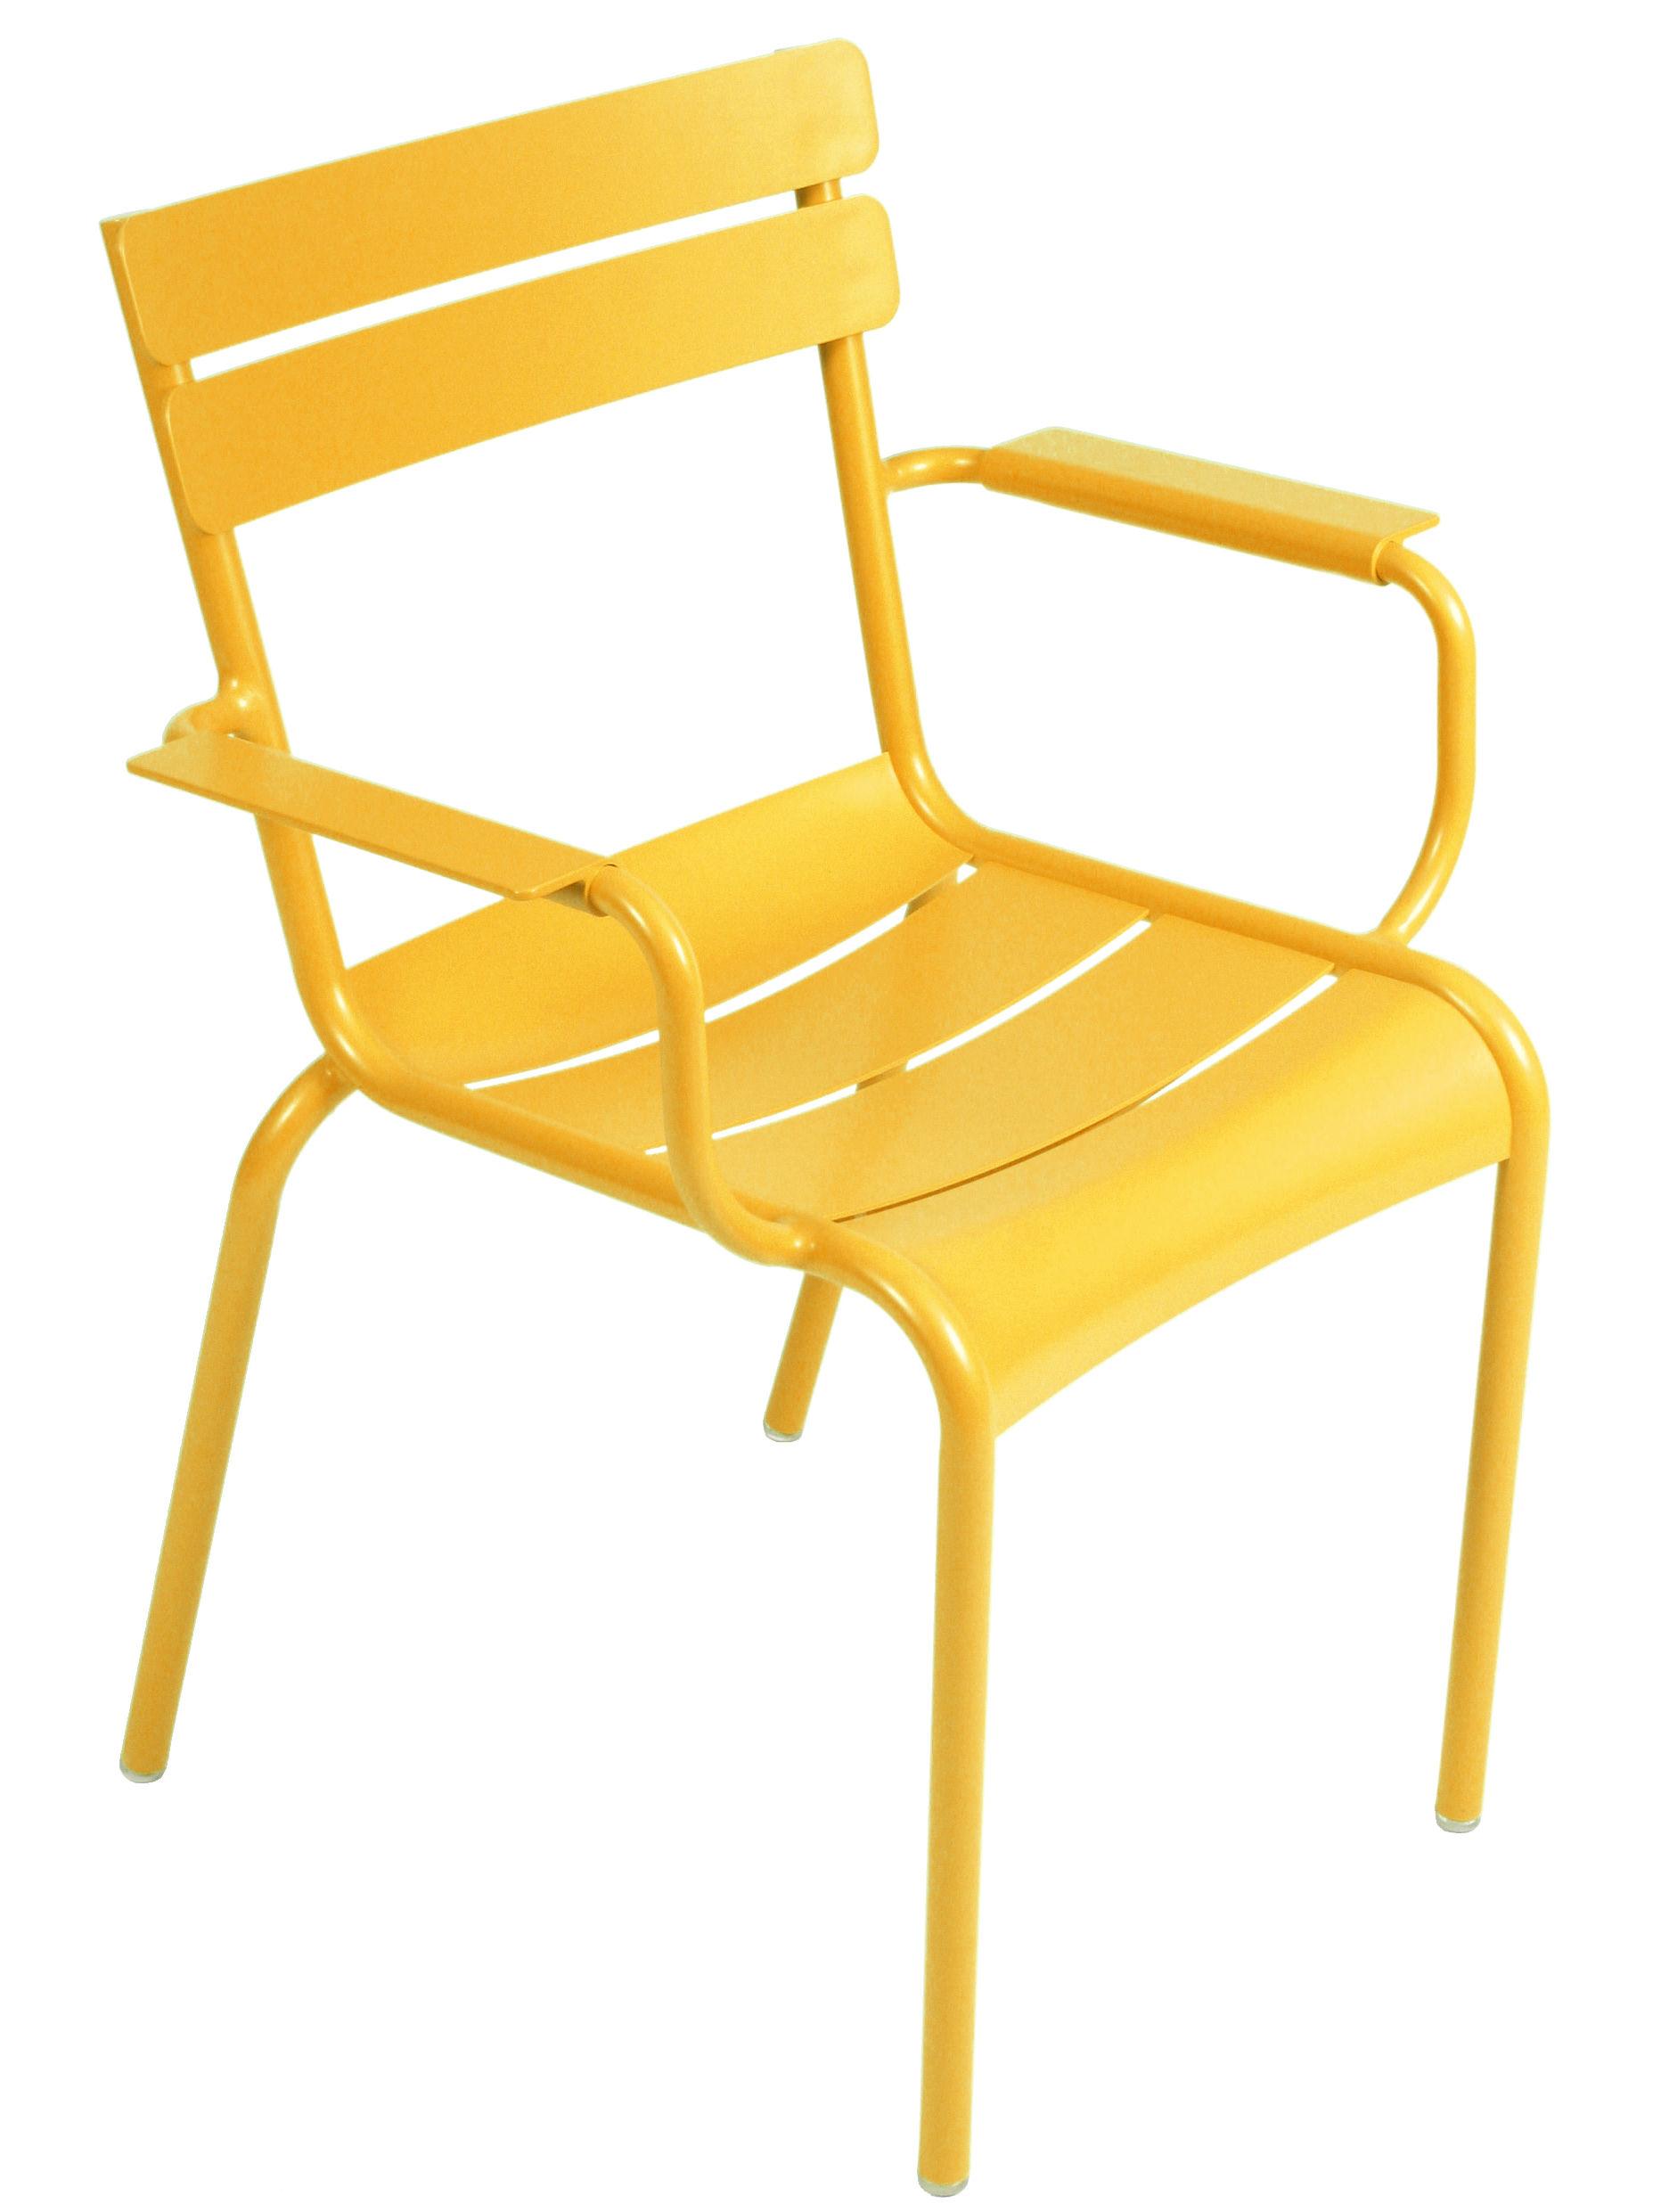 Mobilier - Chaises, fauteuils de salle à manger - Fauteuil empilable Luxembourg / Aluminium - Fermob - Miel - Aluminium laqué